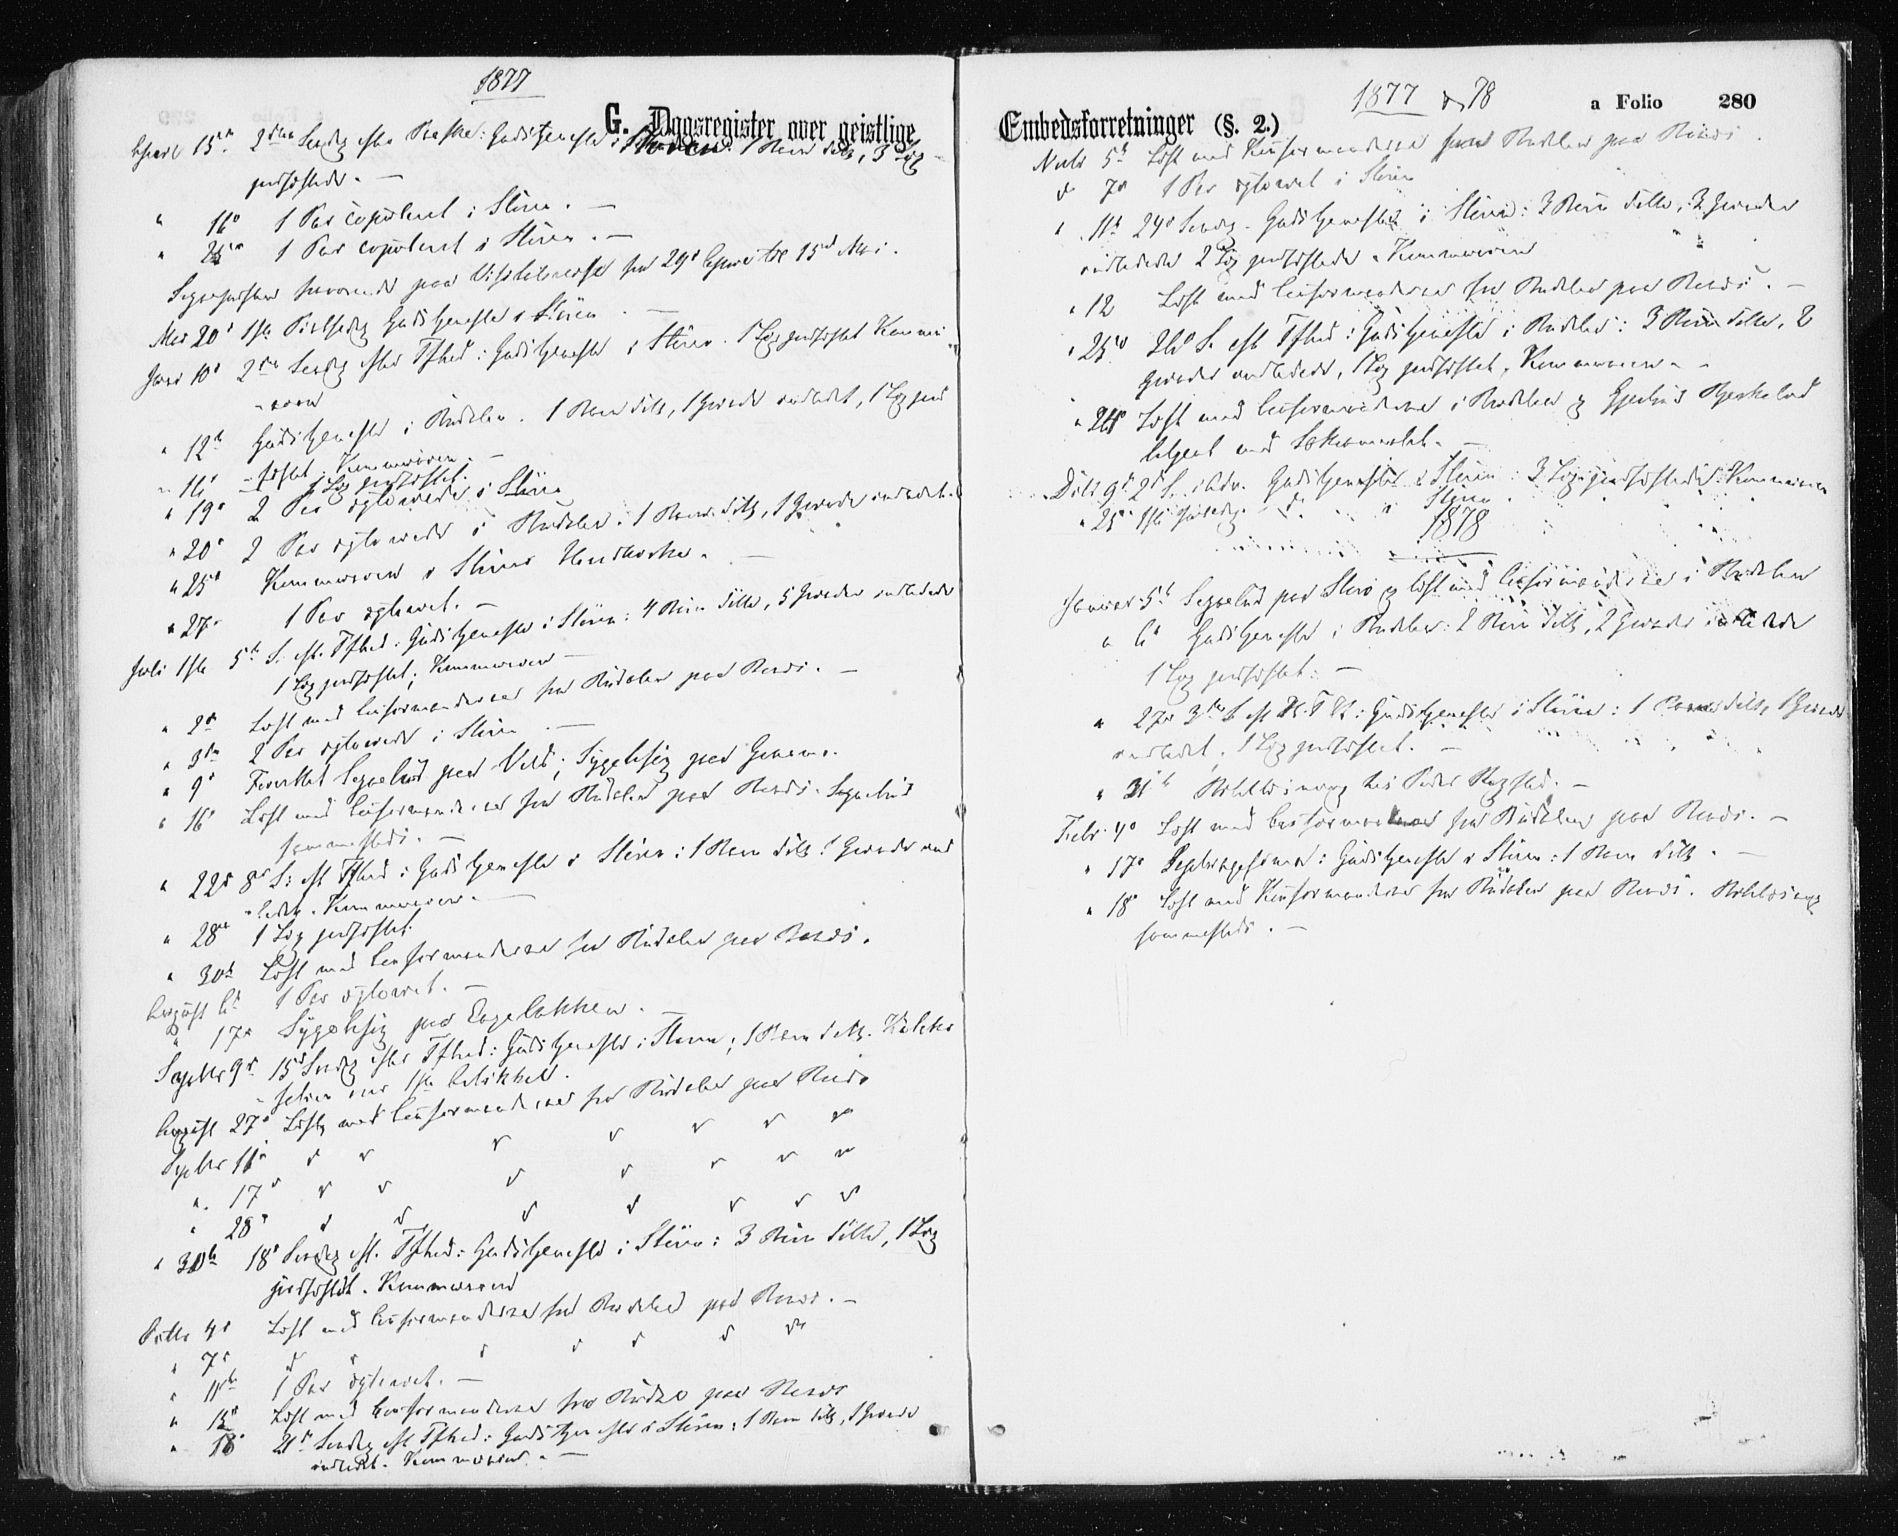 SAT, Ministerialprotokoller, klokkerbøker og fødselsregistre - Sør-Trøndelag, 687/L1001: Ministerialbok nr. 687A07, 1863-1878, s. 280